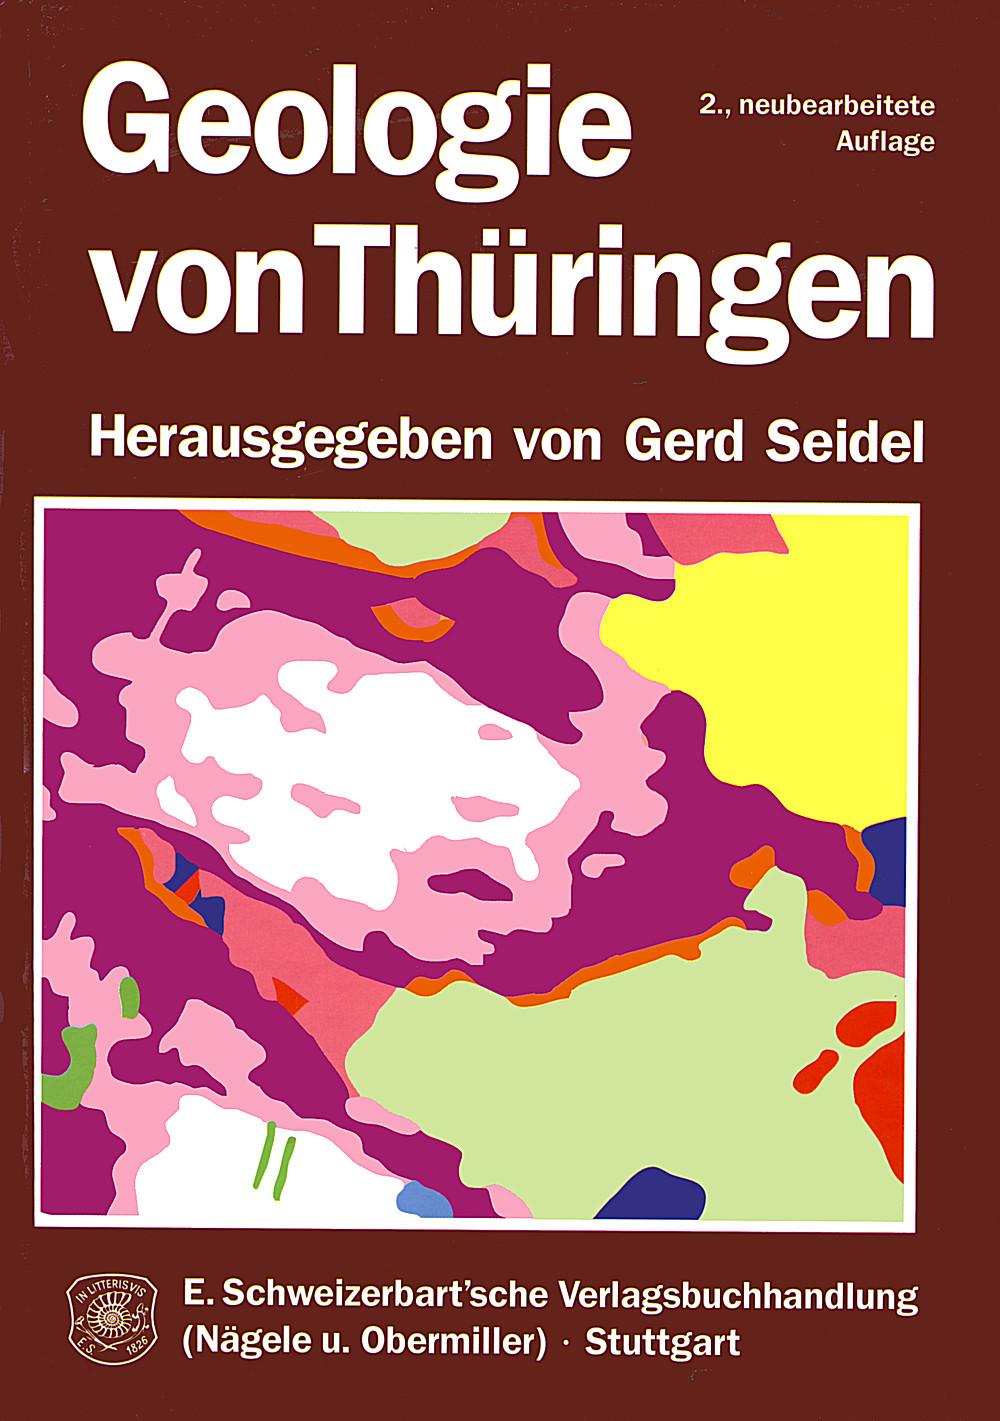 Geologische Karte Thüringen.Geologie Von Thüringen Schweizerbart Science Publishers